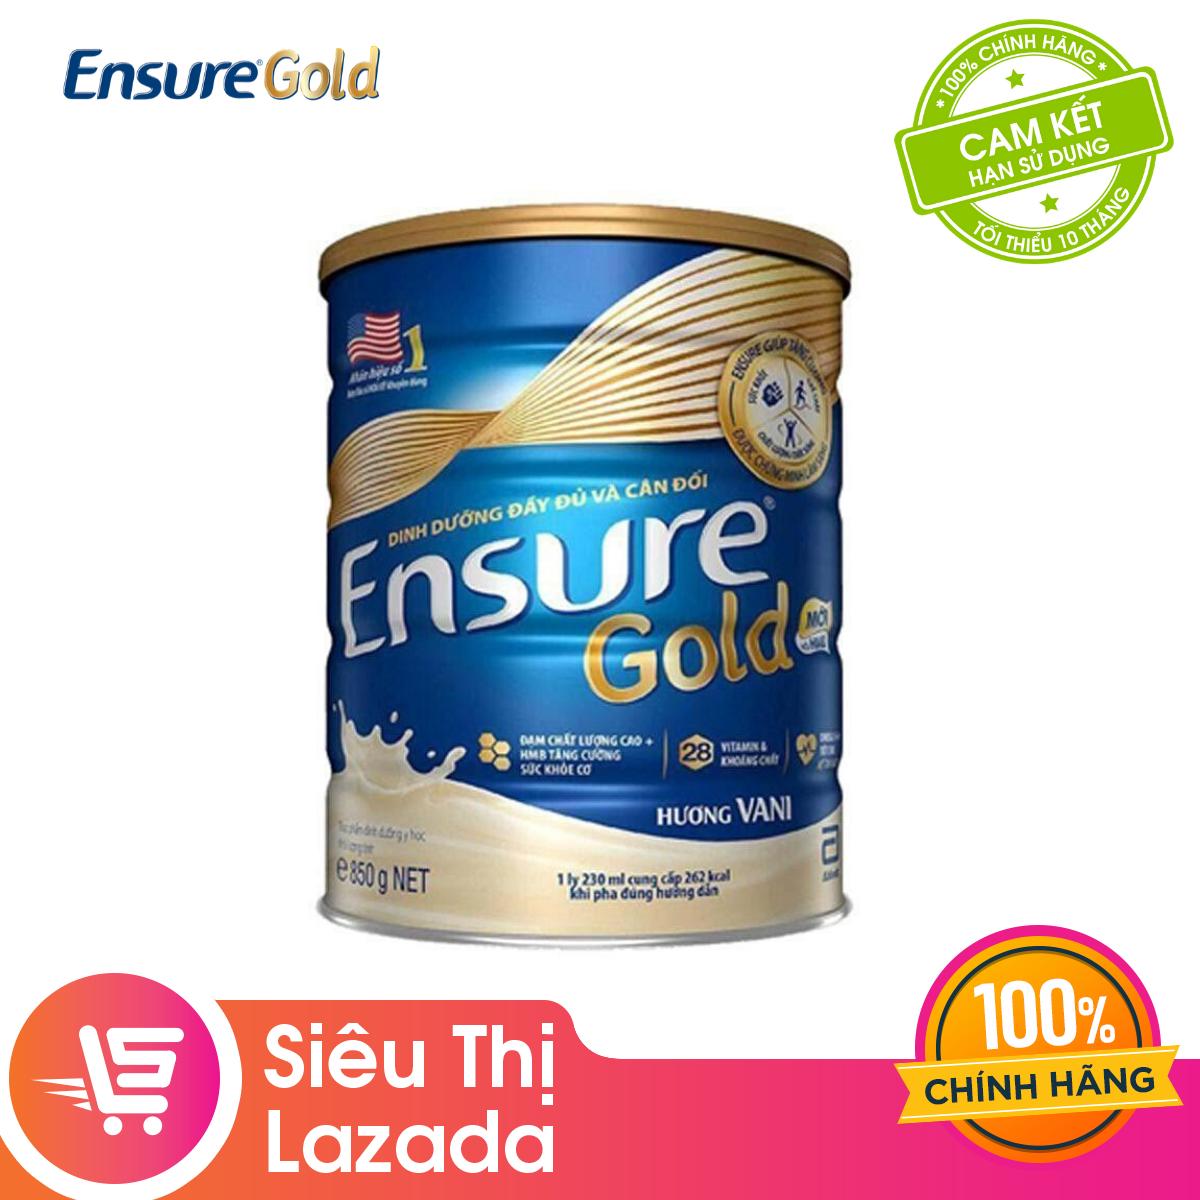 Offer tại Lazada cho [MUA 2 GIẢM 20K] Lon Sữa Bột Ensure Gold Hương Vani 850g